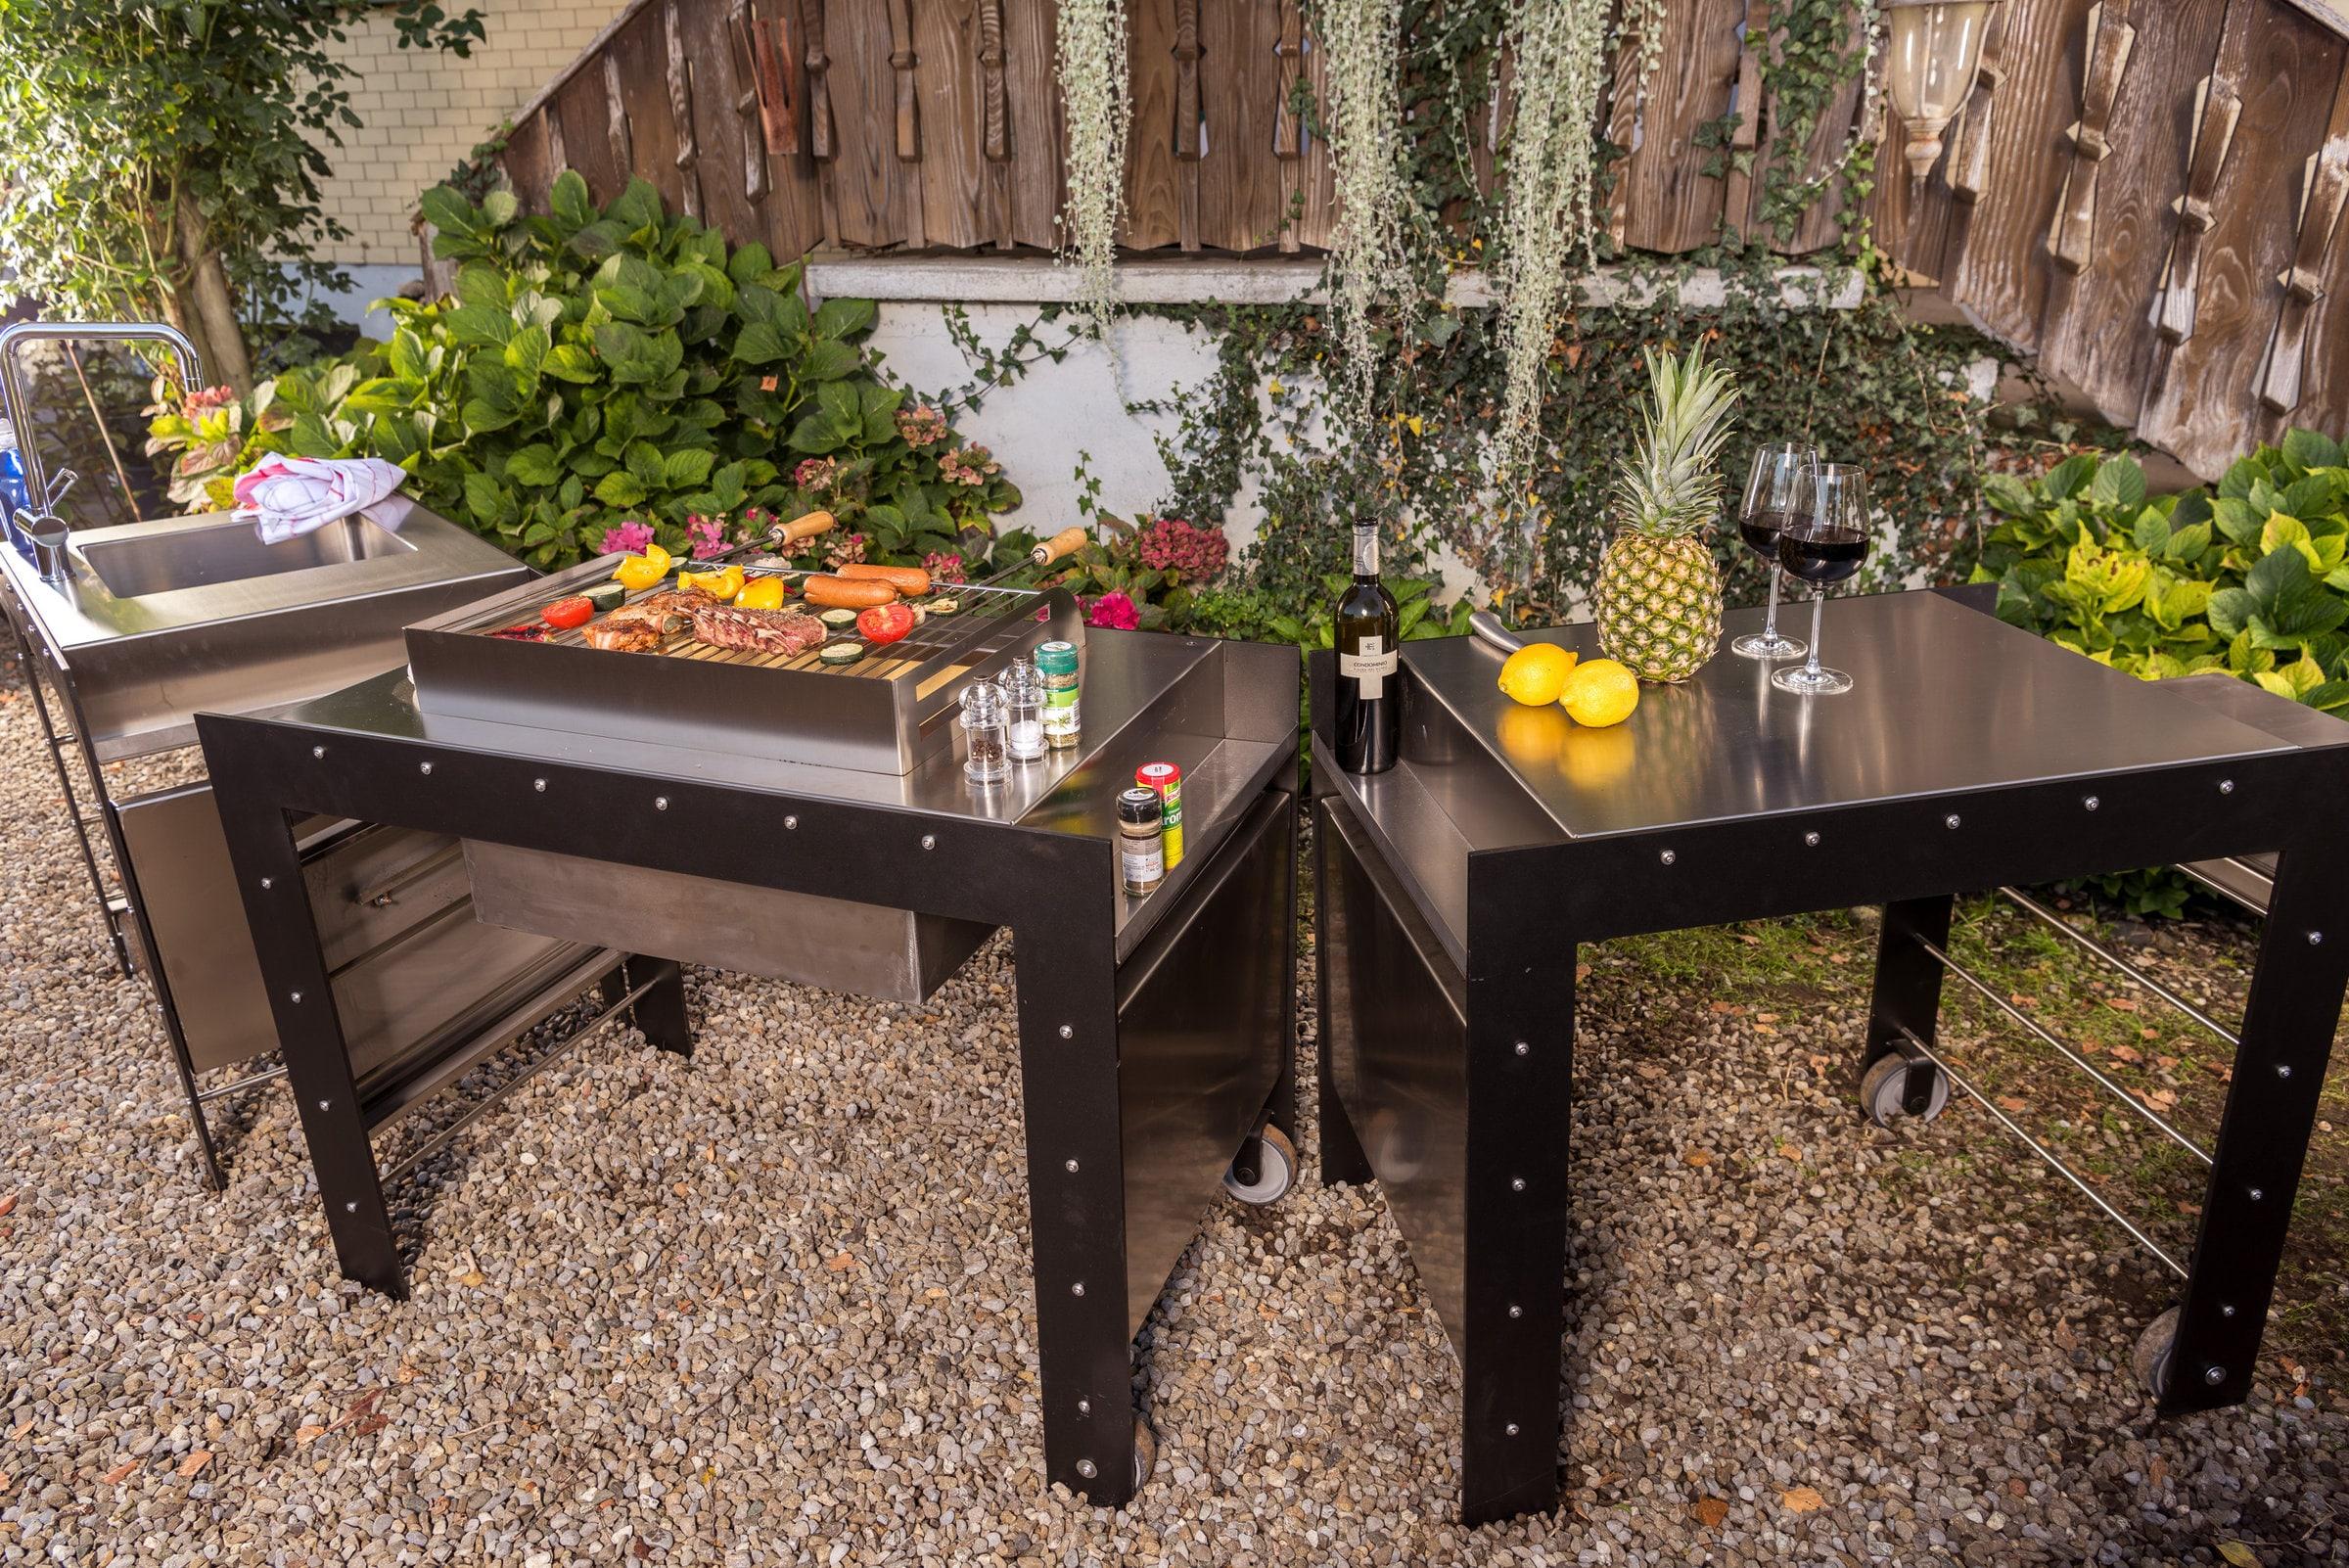 Outdoor Küche Ohne Wasseranschluss : Nouvel waschbecken outdoorküche modulo migipedia